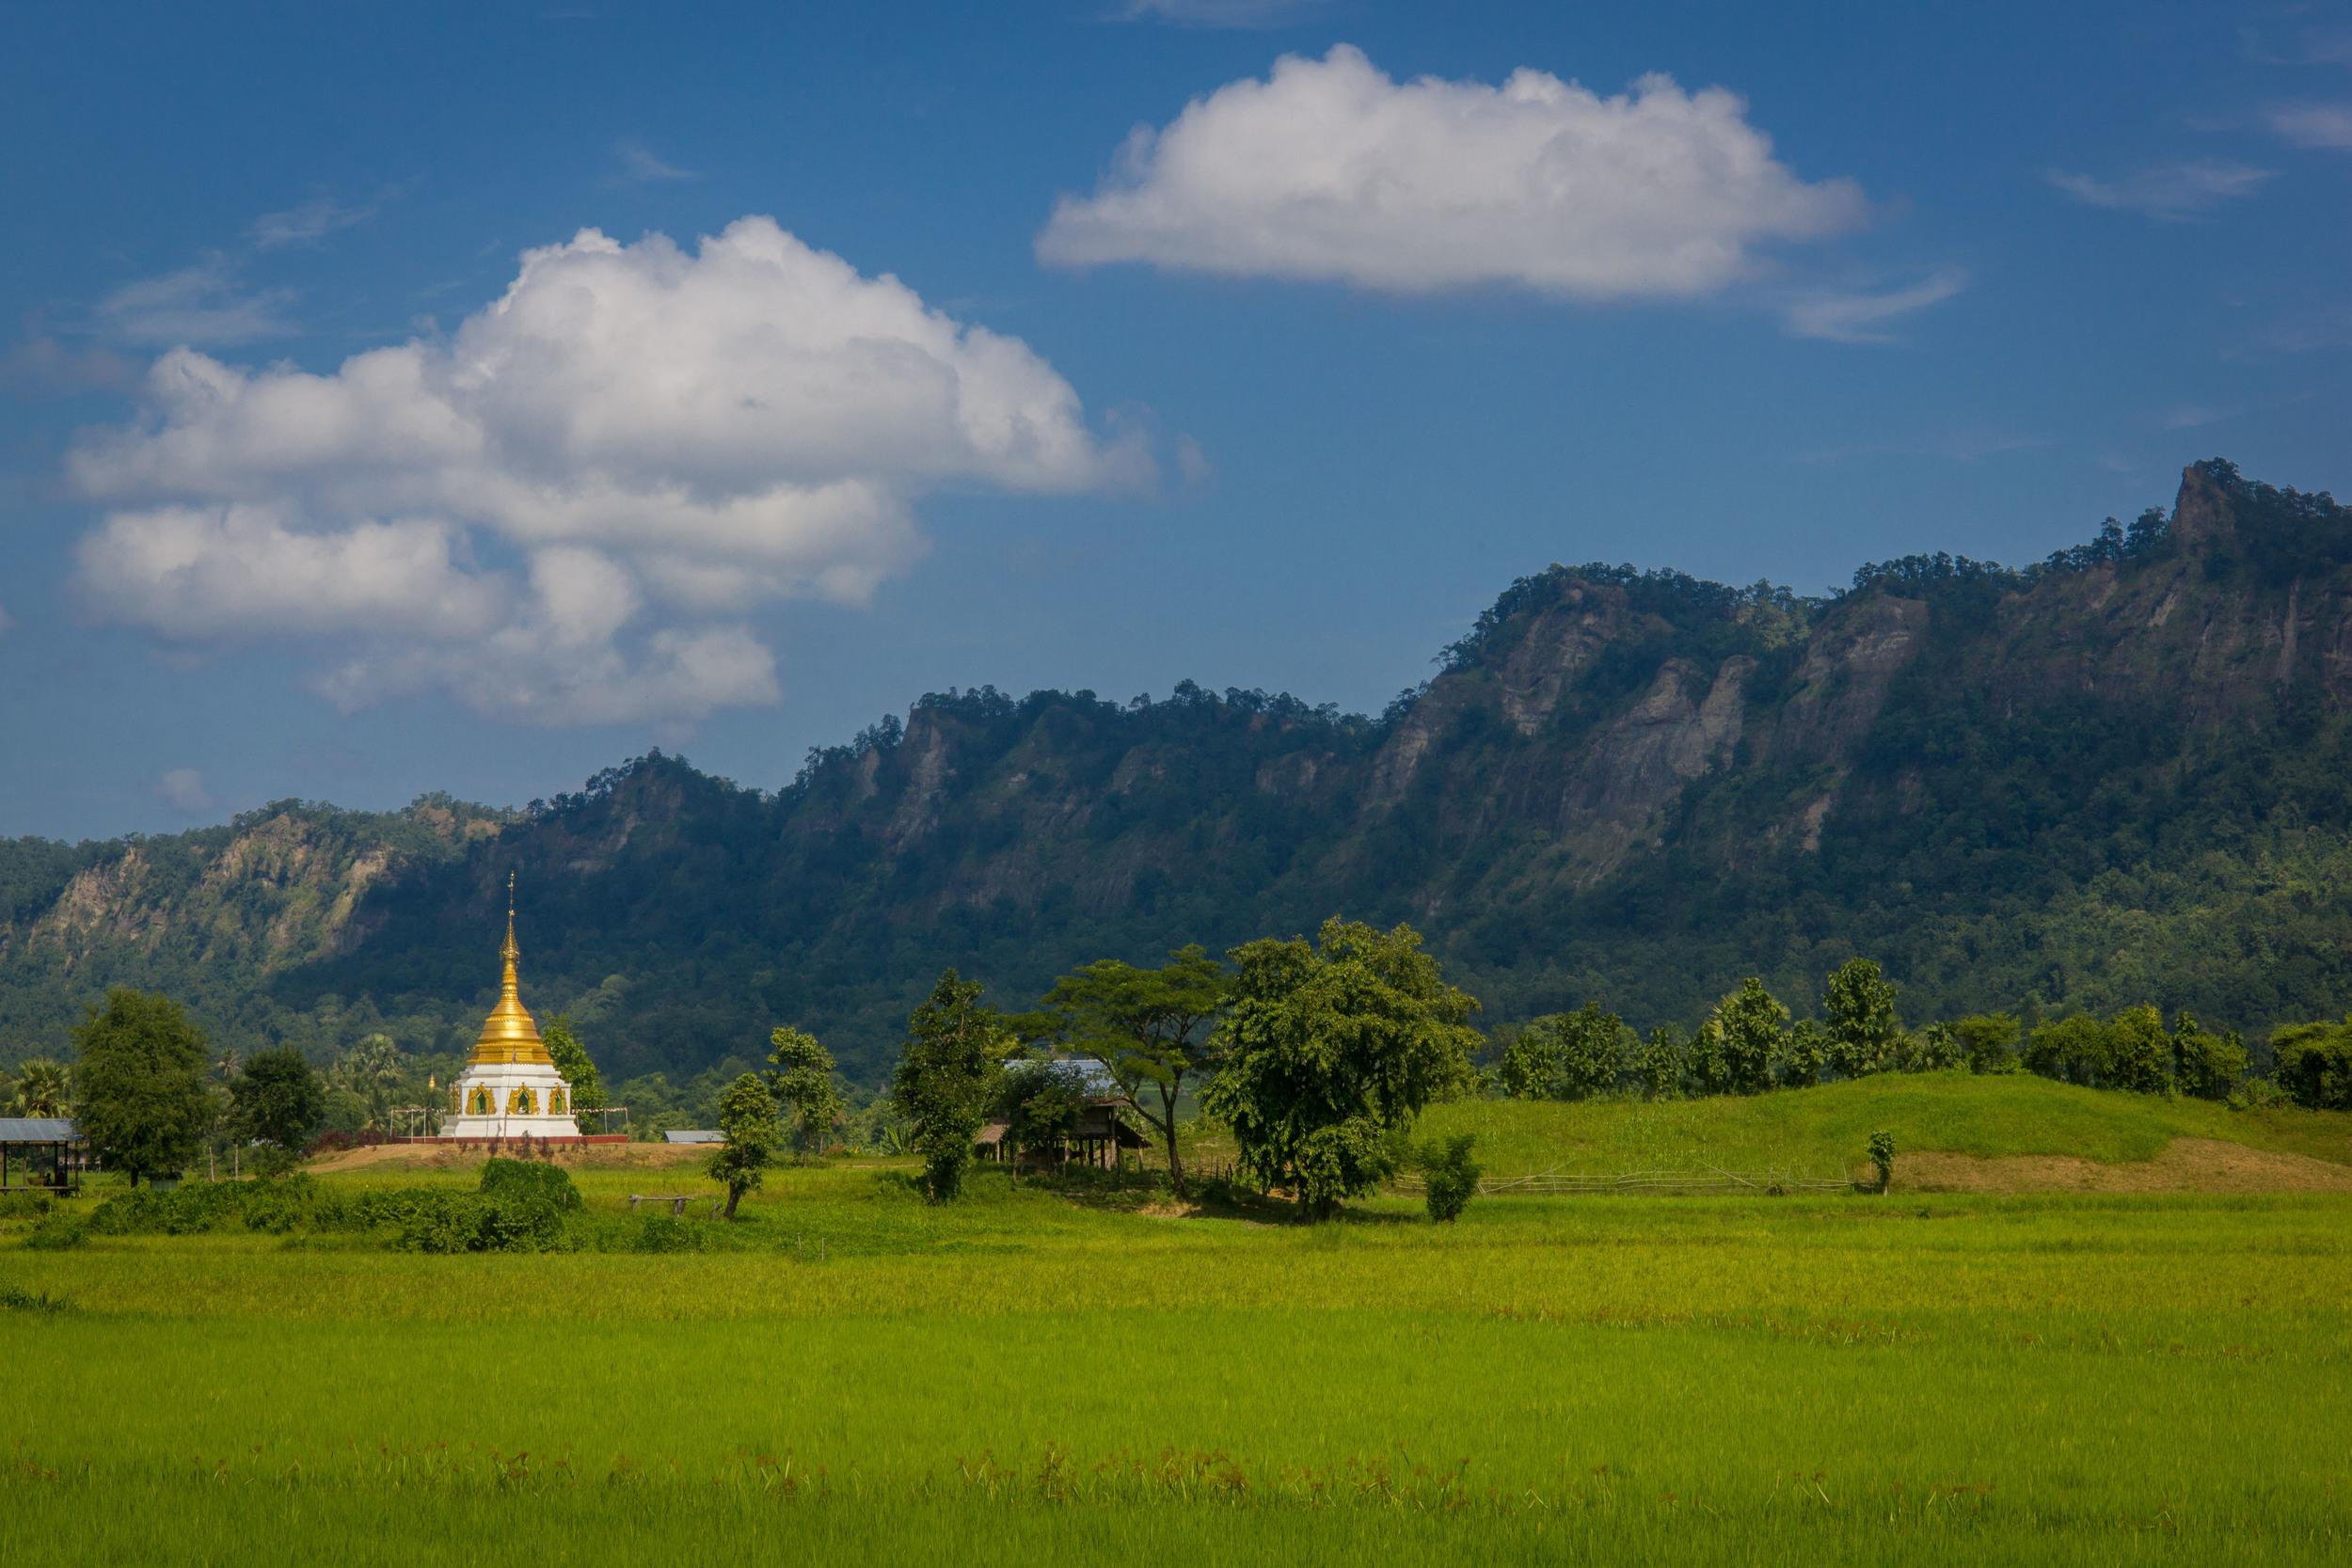 Rural Myanmar. Temples everywhere.